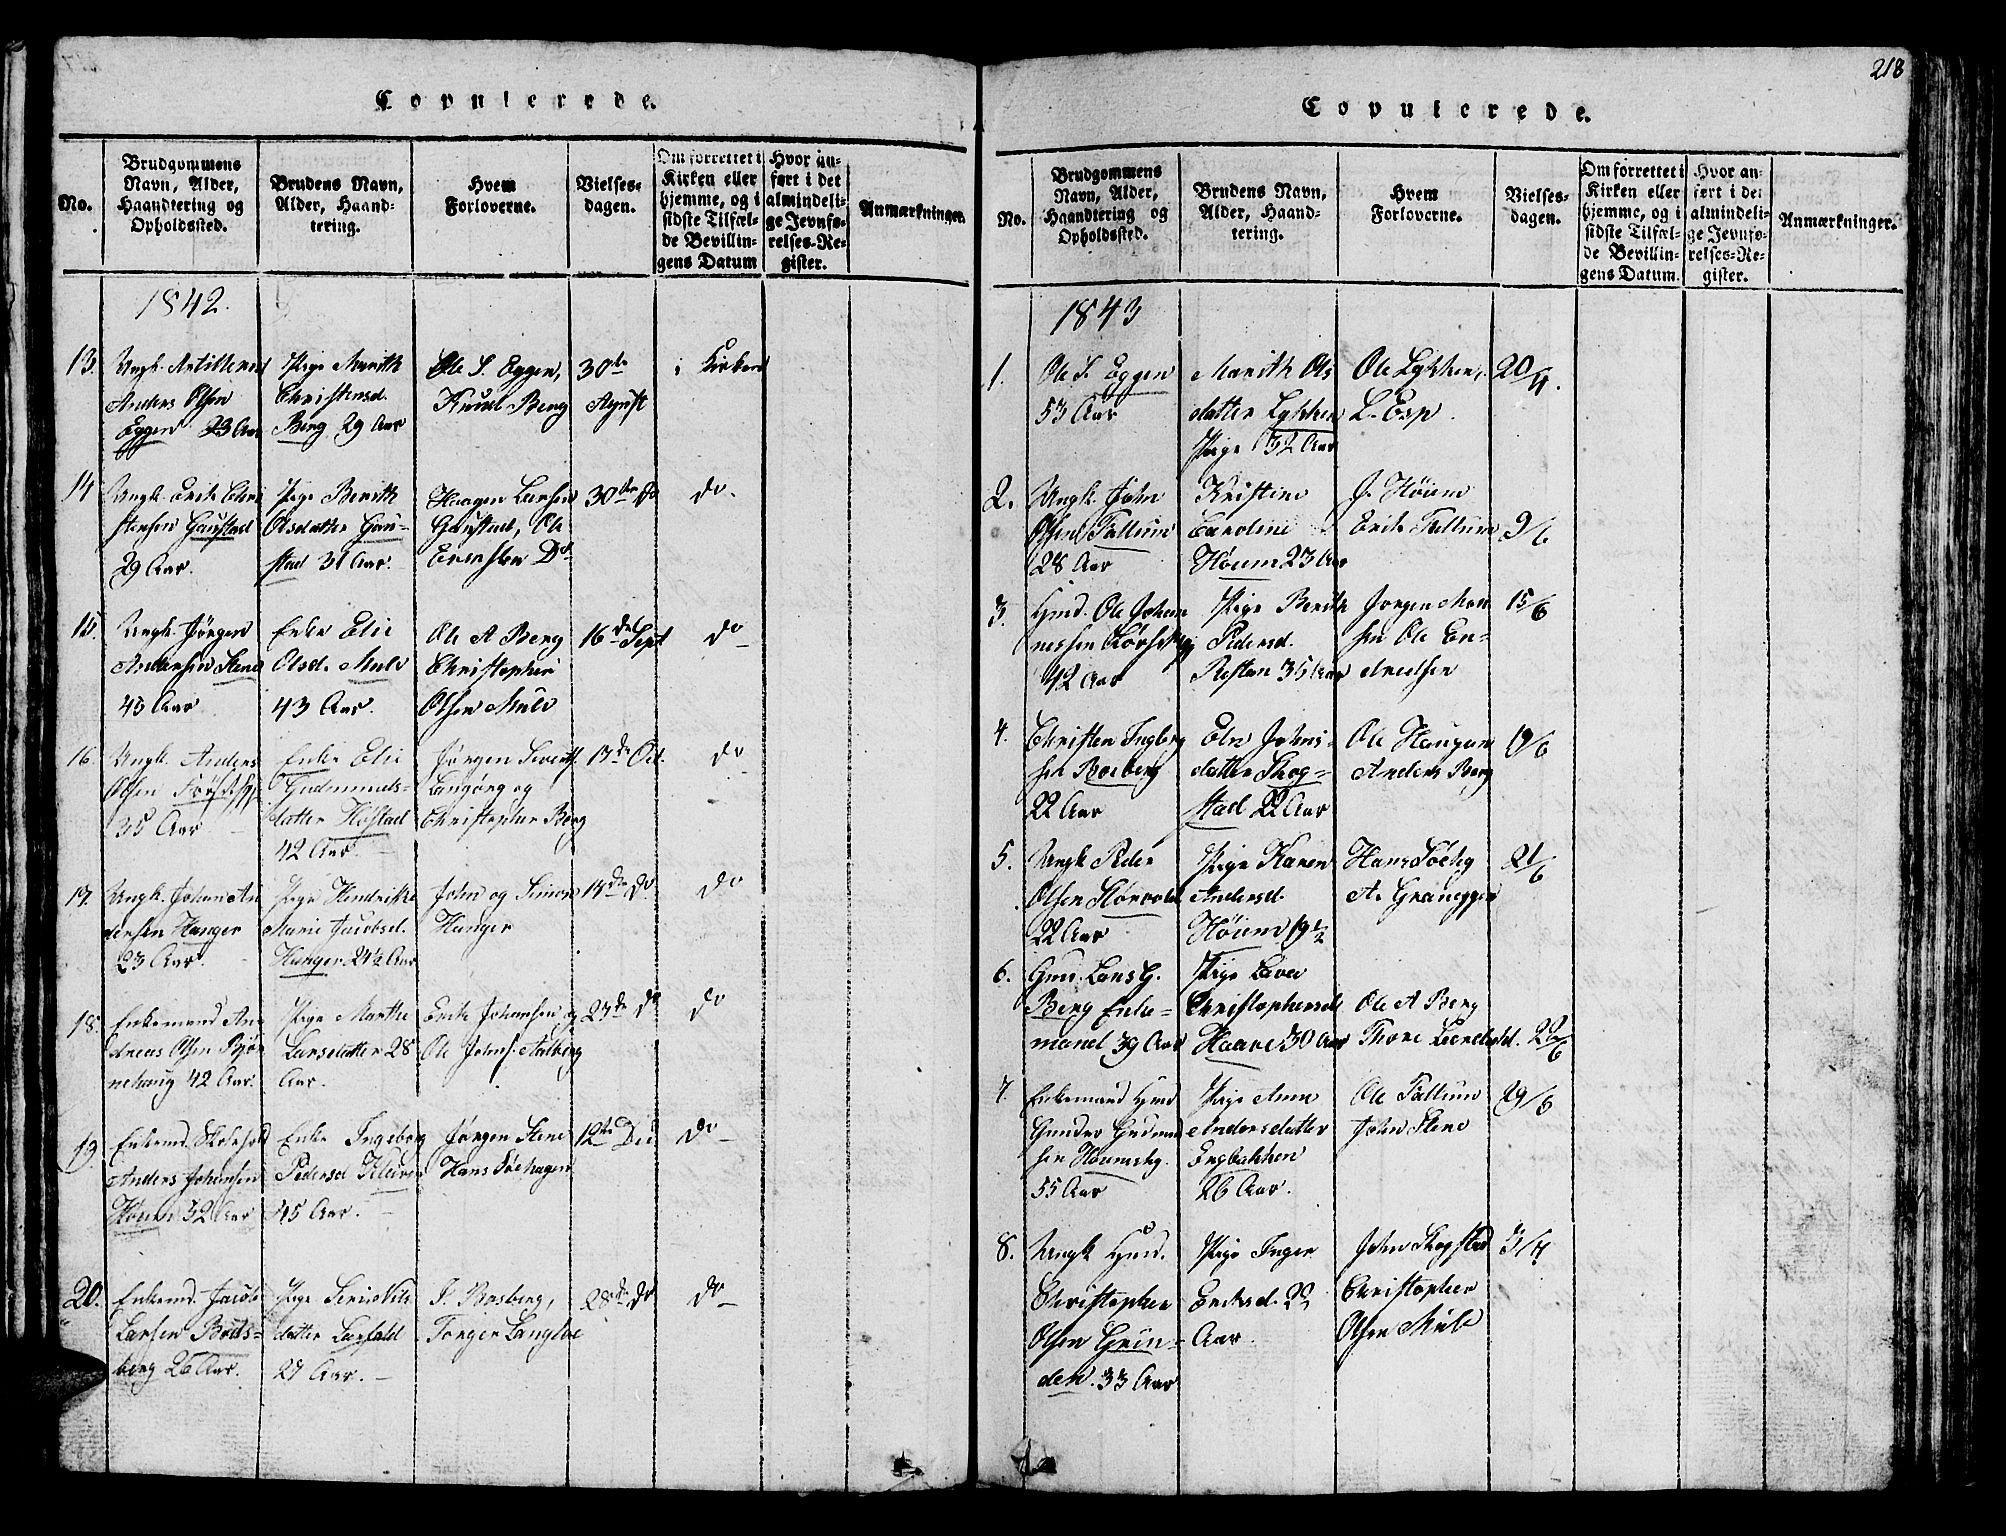 SAT, Ministerialprotokoller, klokkerbøker og fødselsregistre - Sør-Trøndelag, 612/L0385: Klokkerbok nr. 612C01, 1816-1845, s. 218